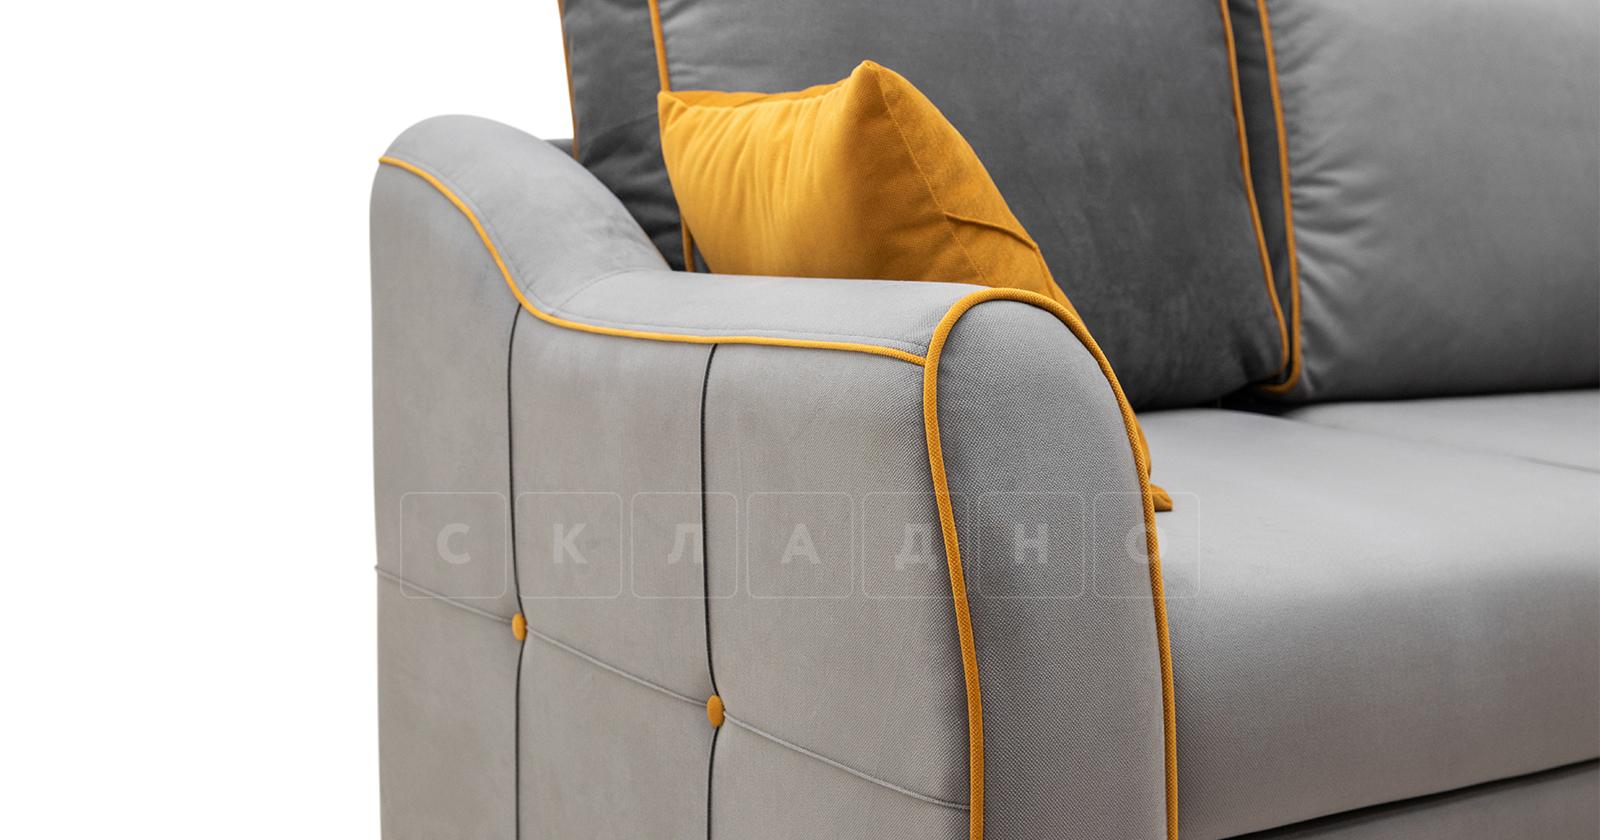 Диван-кровать угловой Флэтфорд кварцевый серый фото 15   интернет-магазин Складно